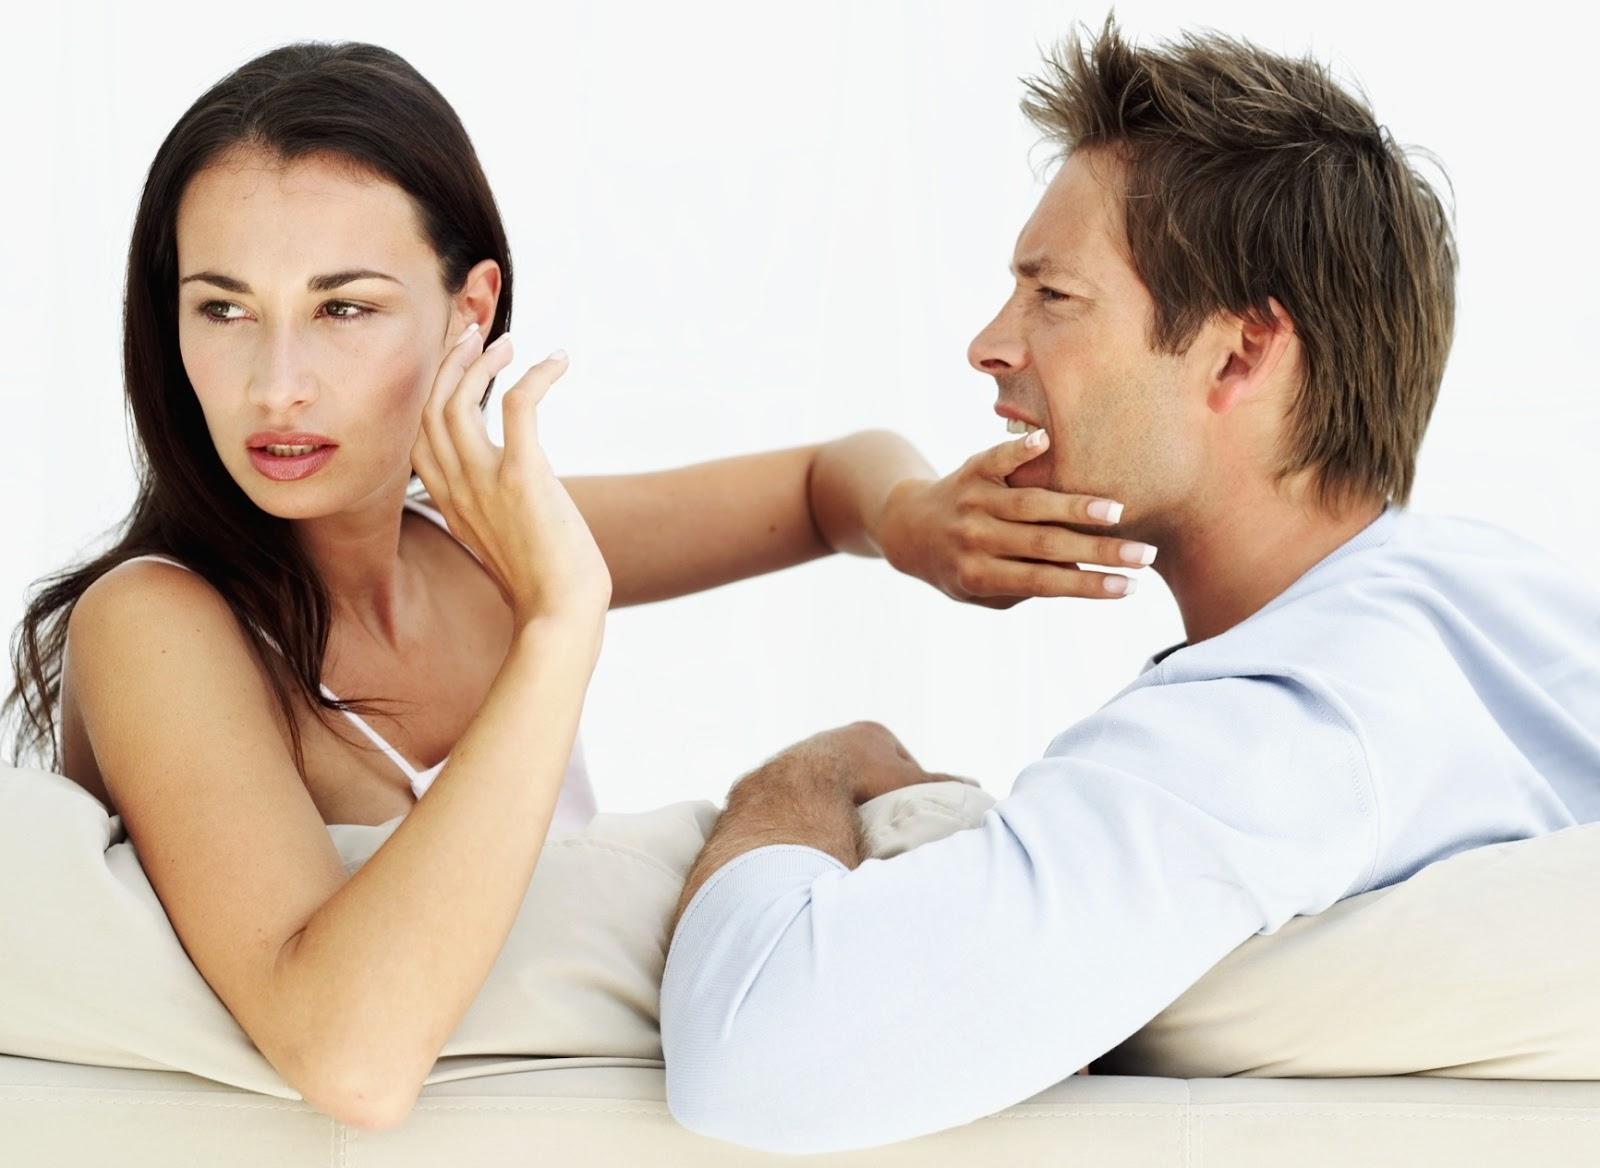 rencontre quelqu'un avec de graves problèmes de confiance rencontre controverse site Web